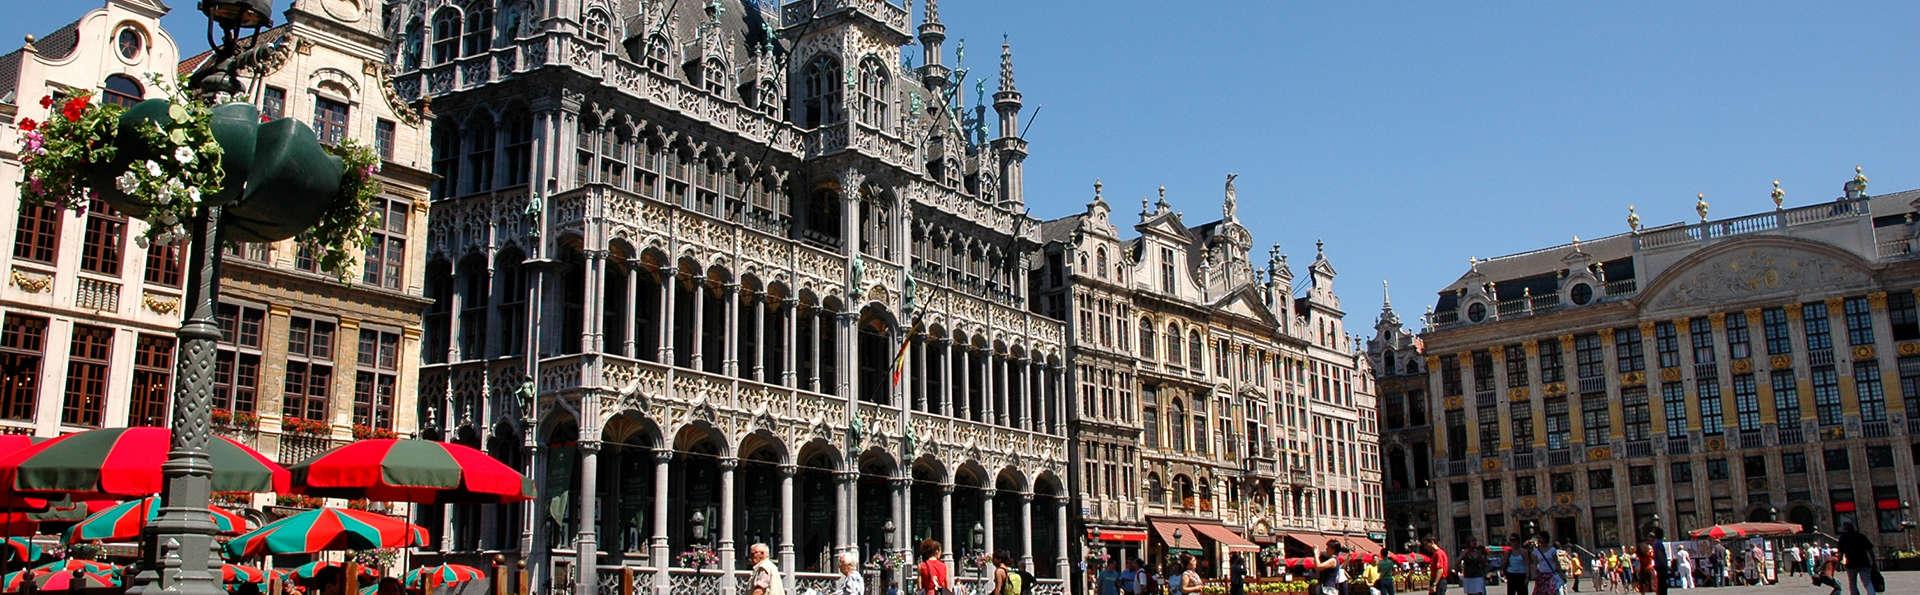 Luxe en charme in het hart van Brussel